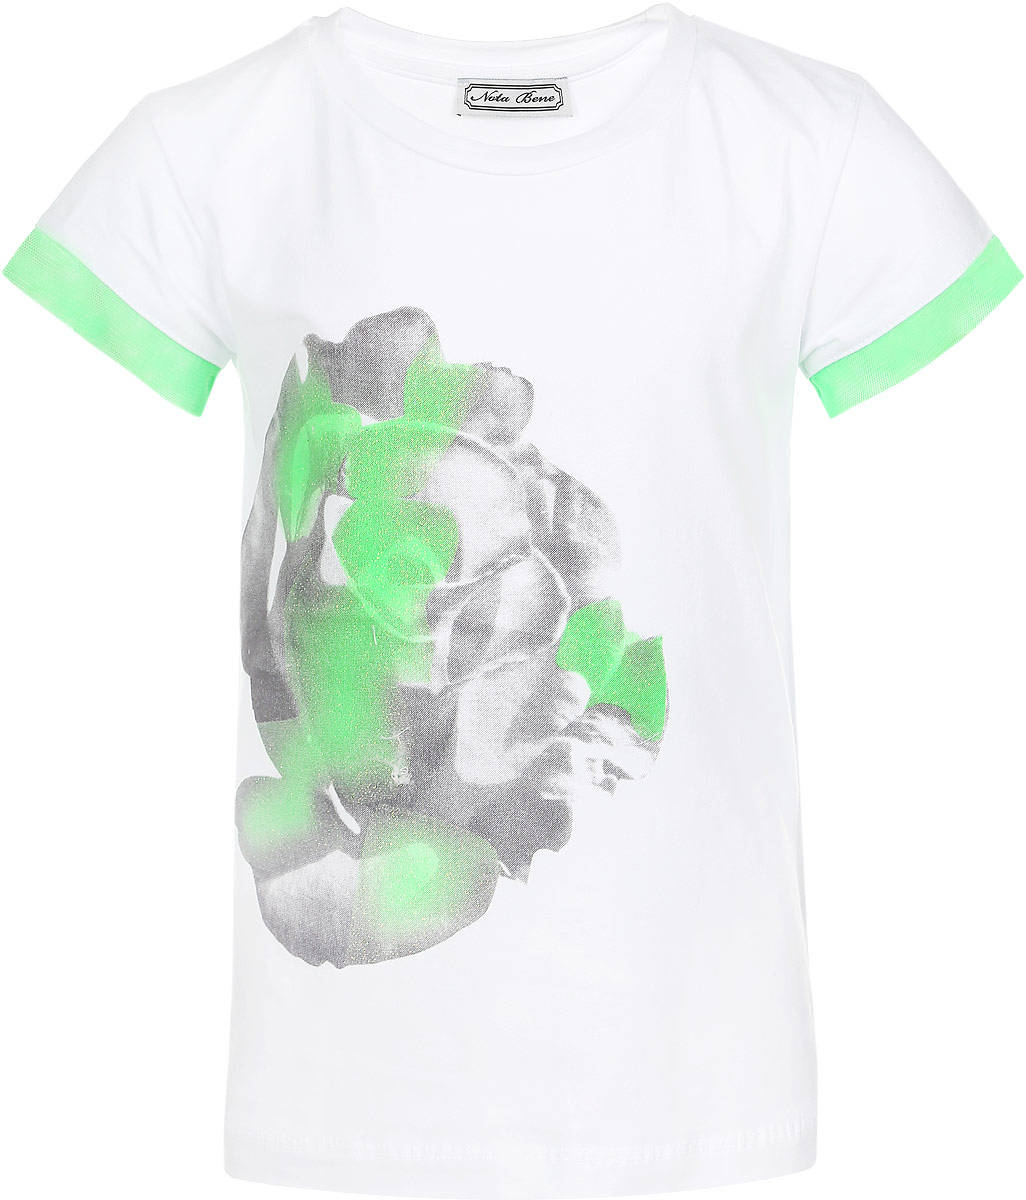 Футболка для девочки Nota Bene, цвет: белый, зеленый. SS162G285-1. Размер 146SS162G285-1Удобная и практичная футболка для девочки Nota Bene идеально подойдет вашей малышке. Изготовленная из эластичного хлопка, она невероятно мягкая и приятная на ощупь, великолепно тянется и превосходно пропускает воздух, благодаря чему идеально подойдет для активных игр и повседневной носки. Футболка с короткими рукавами и круглым вырезом горловины украшена контрастной окантовкой на рукавах из микросетки. Модель декорирована принтом с изображением розы и блестящим напылением. Оригинальный современный дизайн и модная расцветка делают эту футболку модным и стильным предметом детского гардероба. В ней ваша маленькая модница будет чувствовать себя уютно и комфортно, и всегда будет в центре внимания!